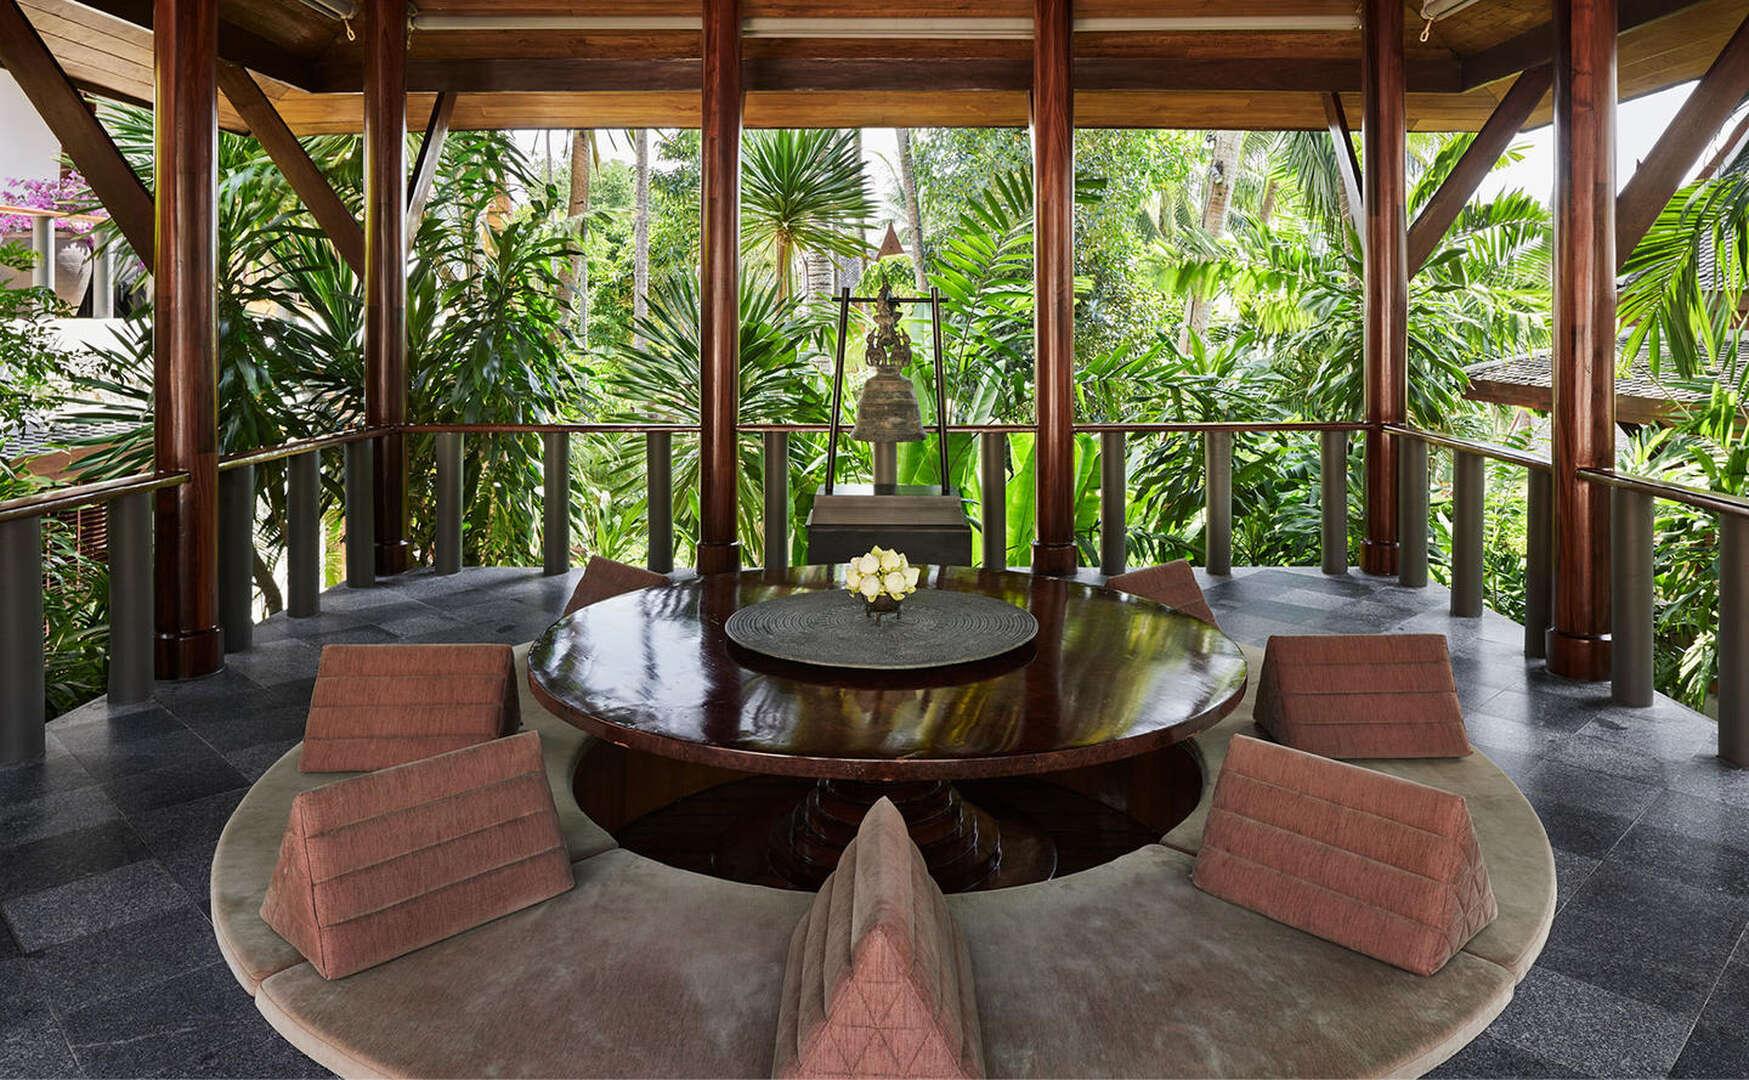 - 4 BDM Garden Villa - Image 1/8